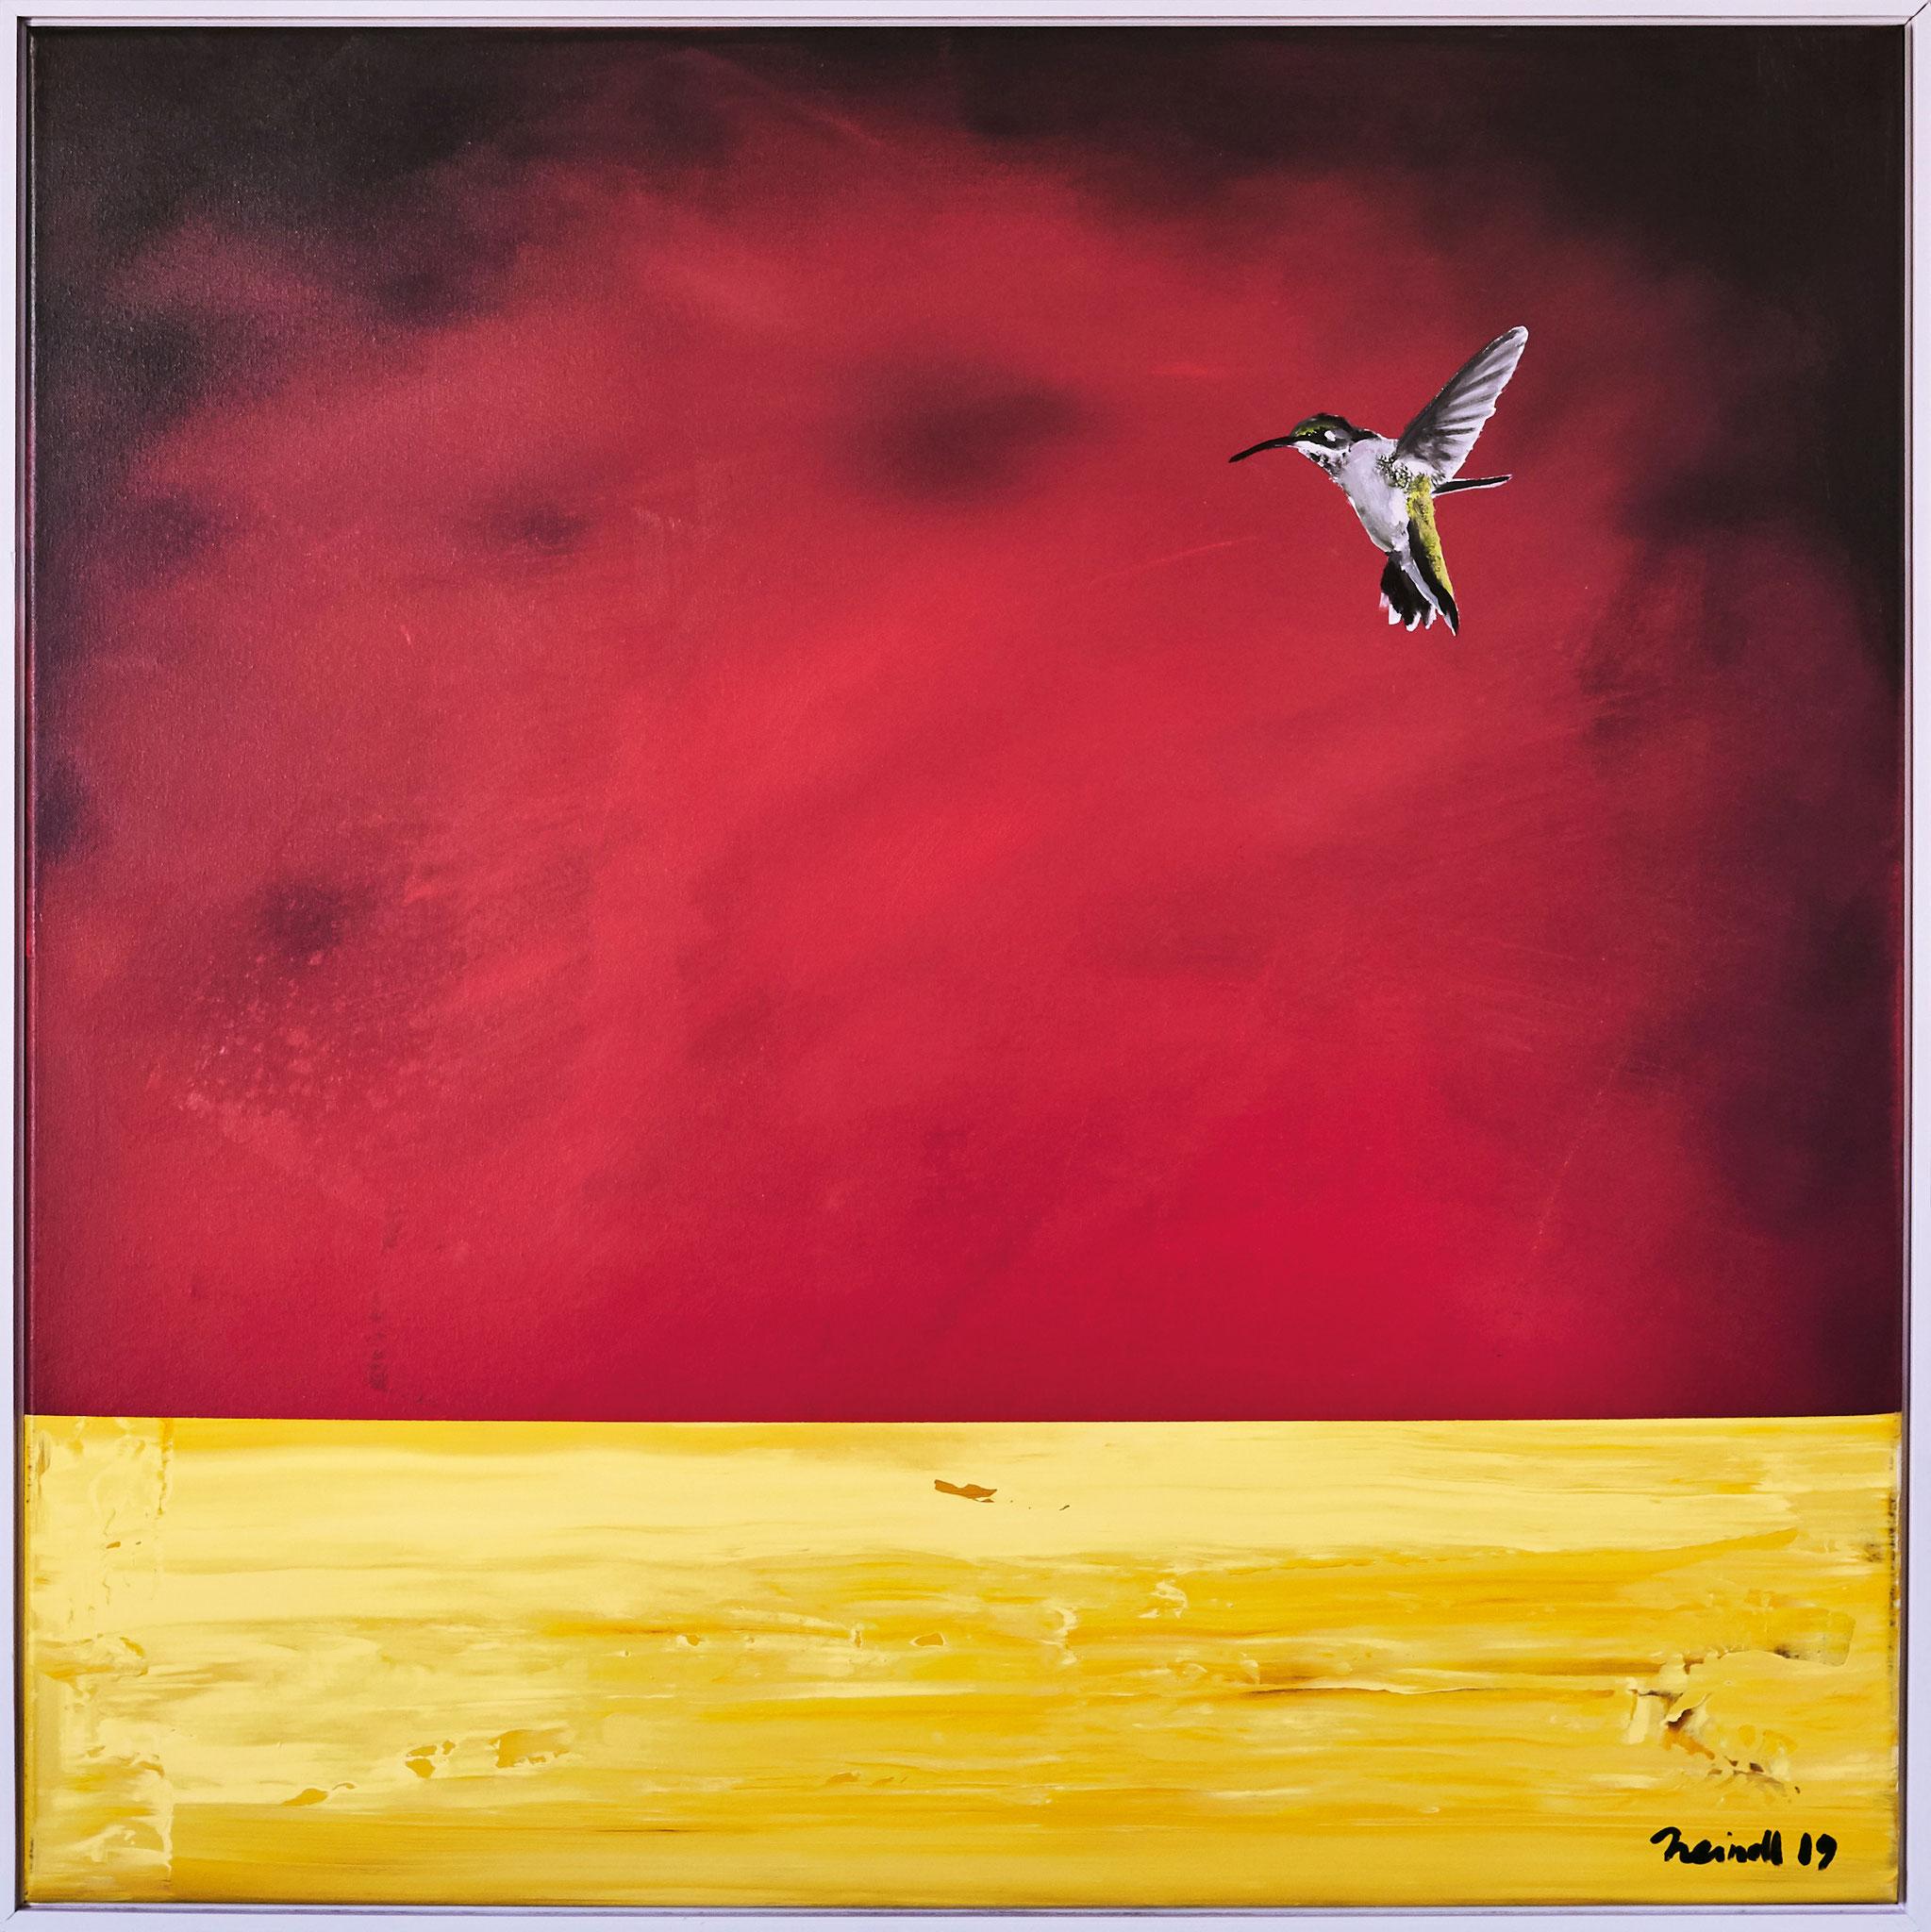 ›Kolibri‹, Acryl auf Leinwand, 102,5 x 102,5 cm, 2019